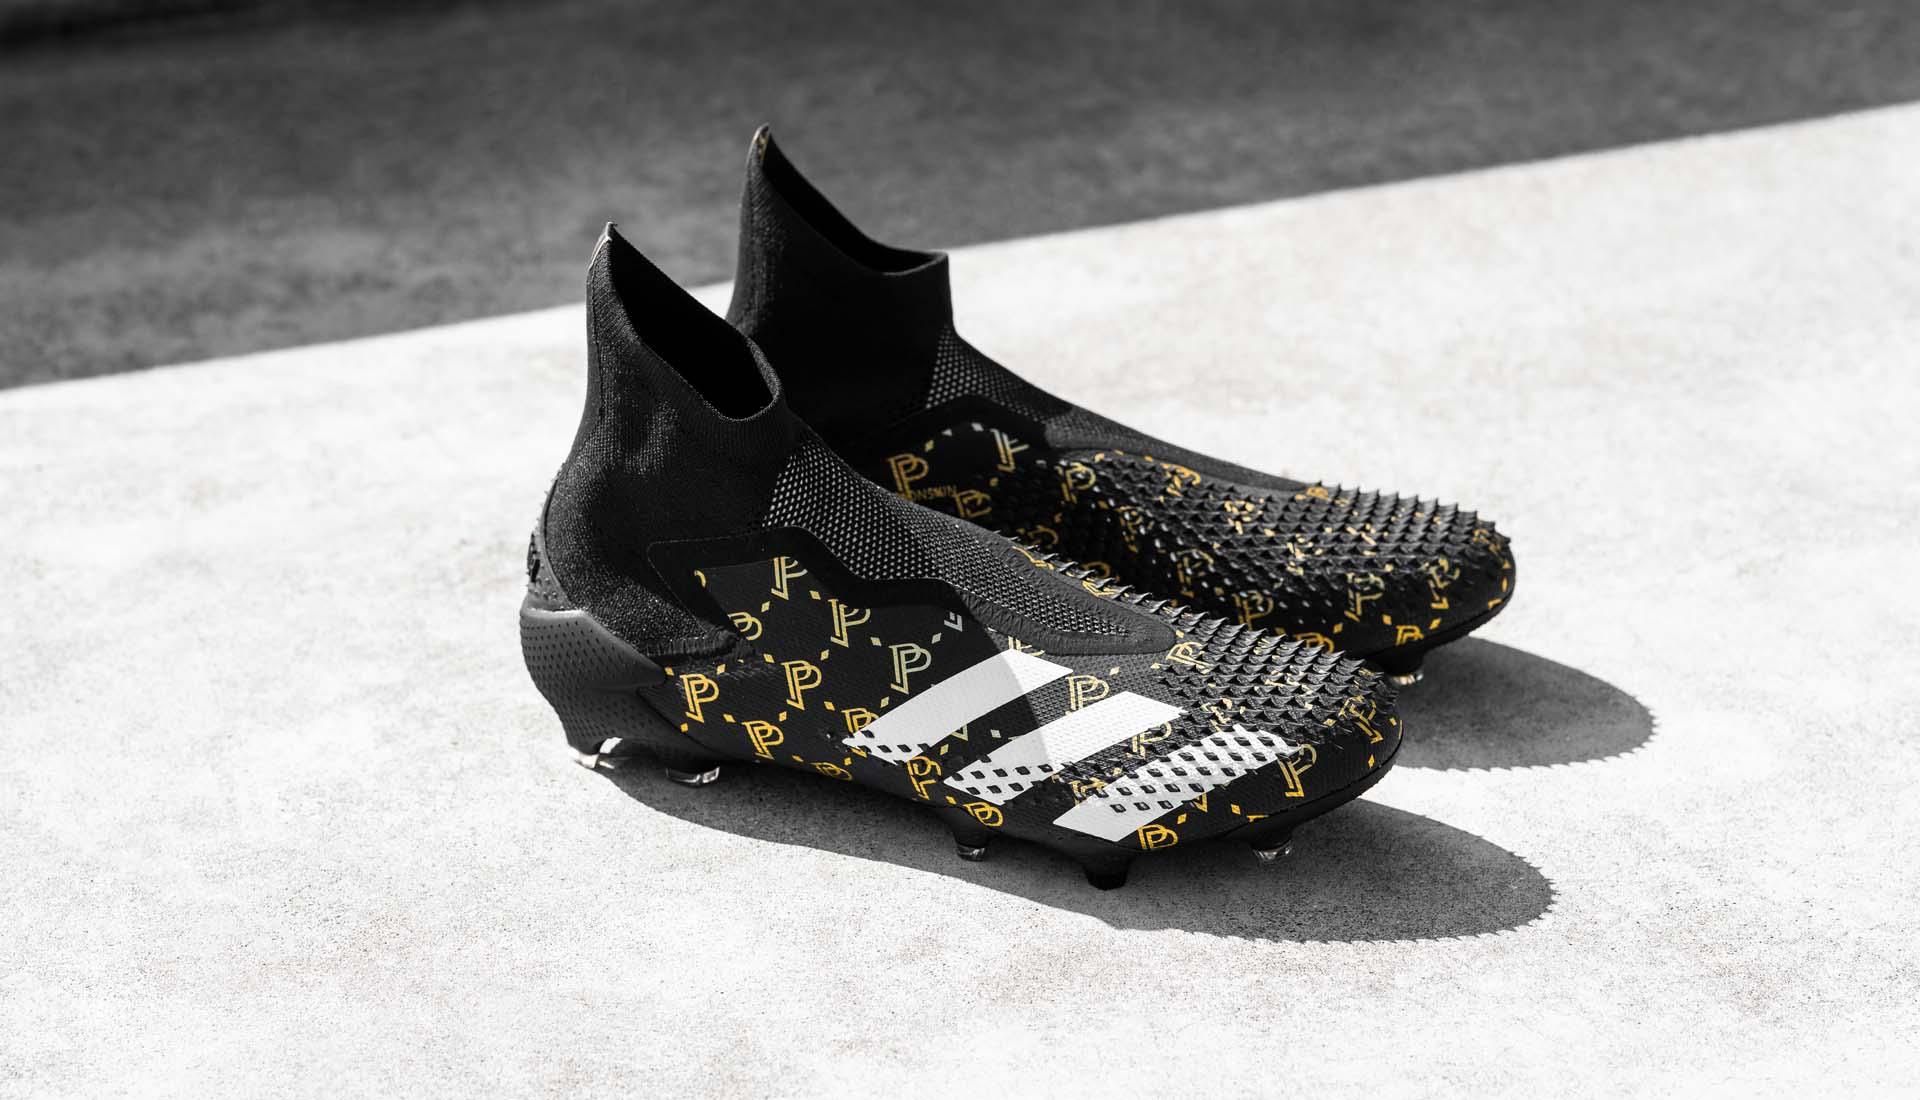 Vẻ đẹp của mẫu giày Adidas Predator 20+ FG Pogba Season 7 đen thửa riêng cho Pogba